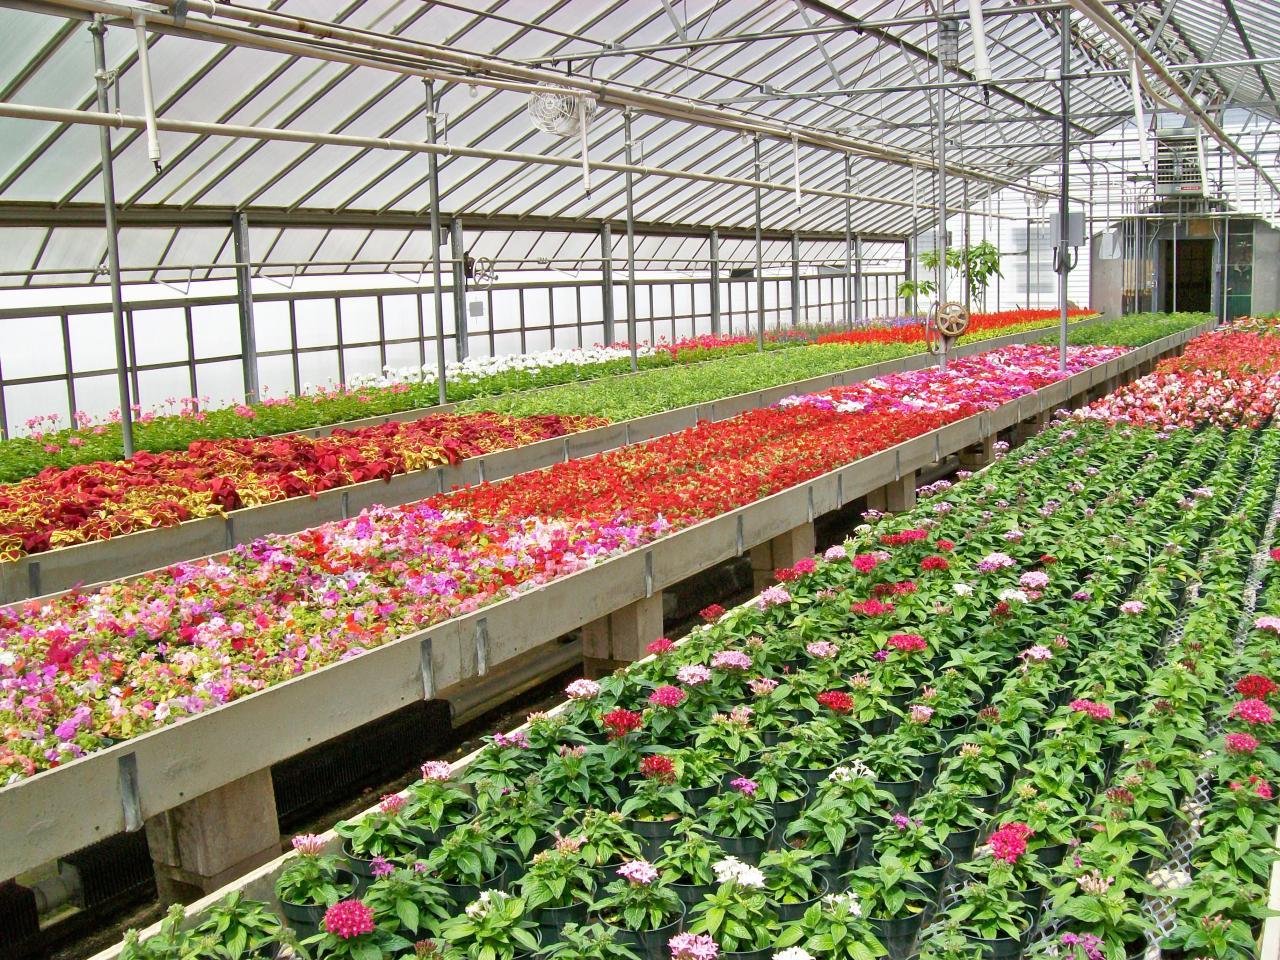 Flores Otro Beneficio Del Cultivo Hidroponico Hidroponia Espana I - Cultivo-hidroponicos